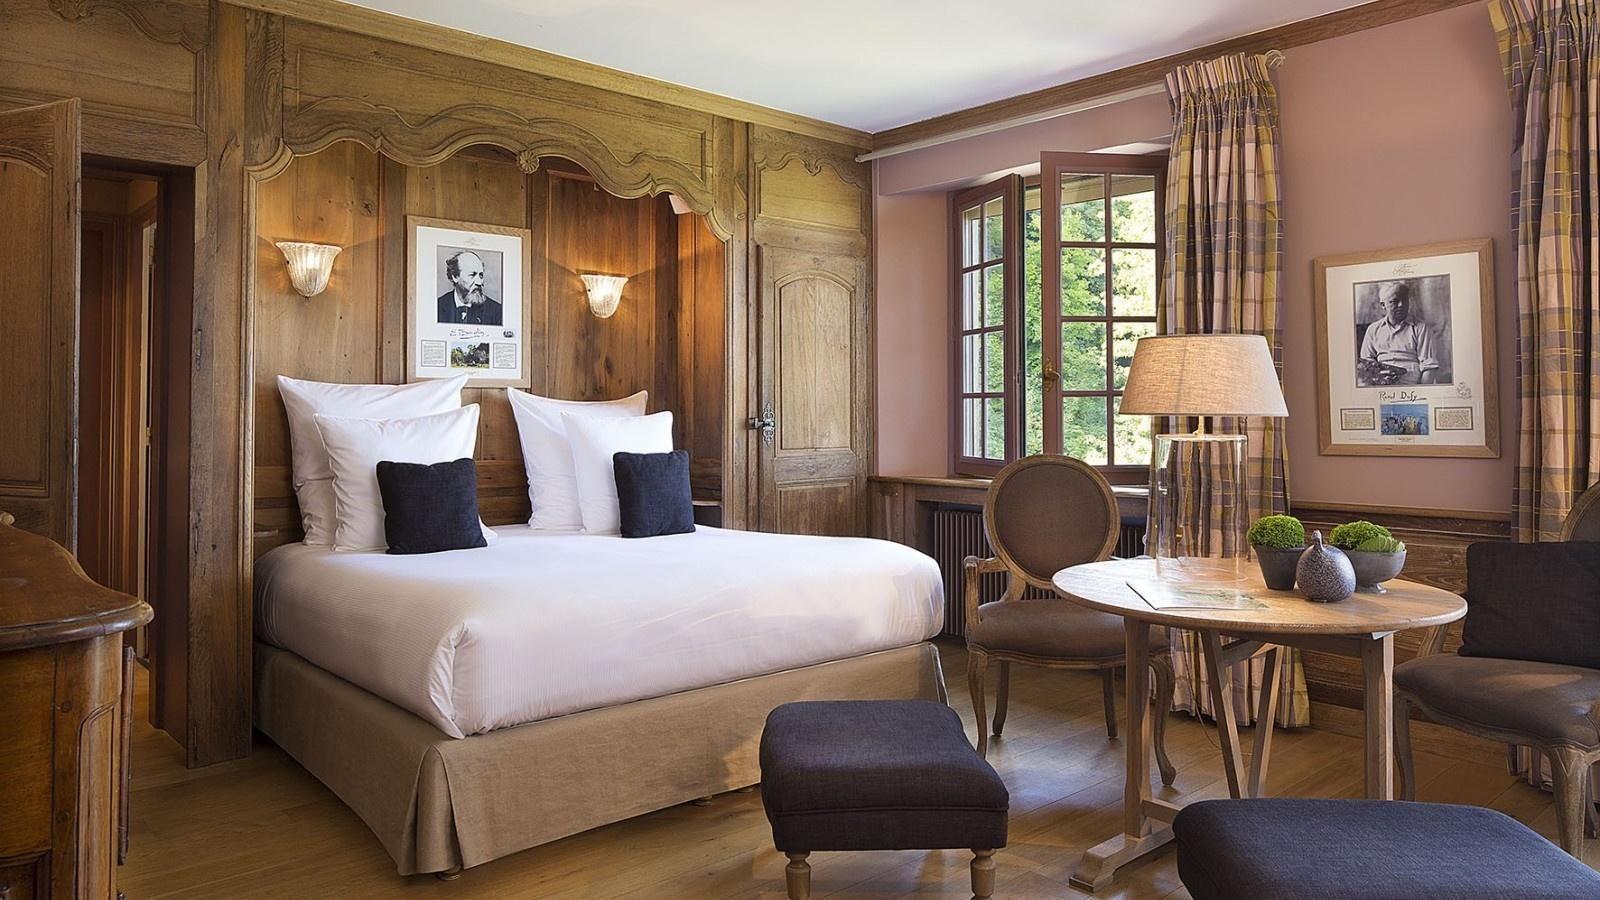 Hôtel La Ferme Saint-Siméon ***** | Hôtel romantique à ...